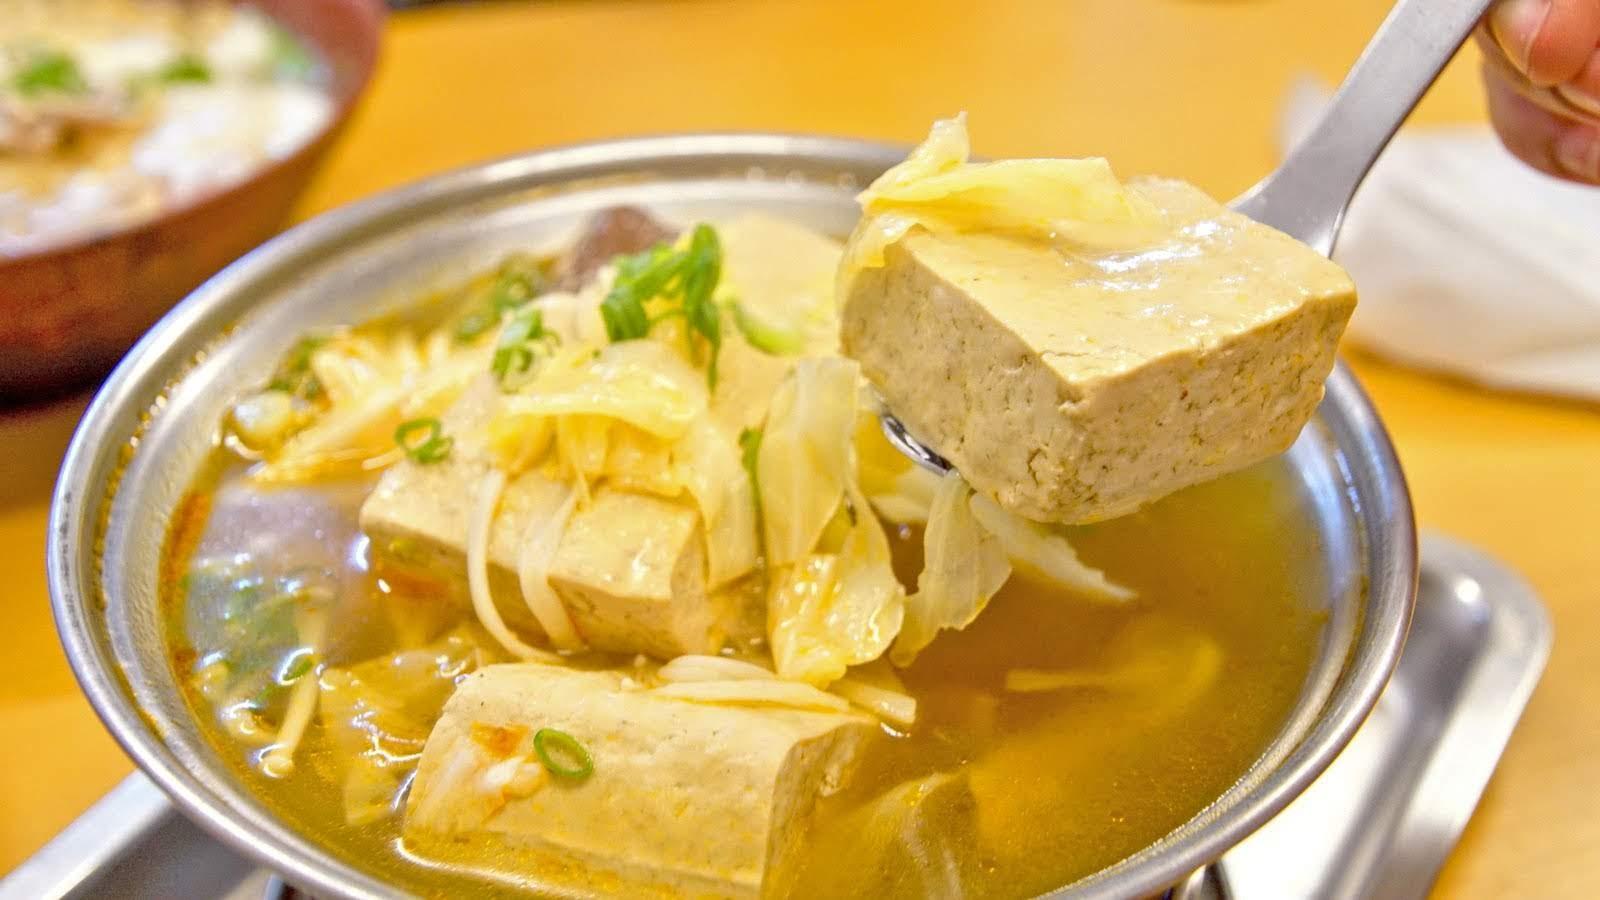 [臺南][安平區] 小不點臭豆腐 安平在地小點心 食記 - Mobile01